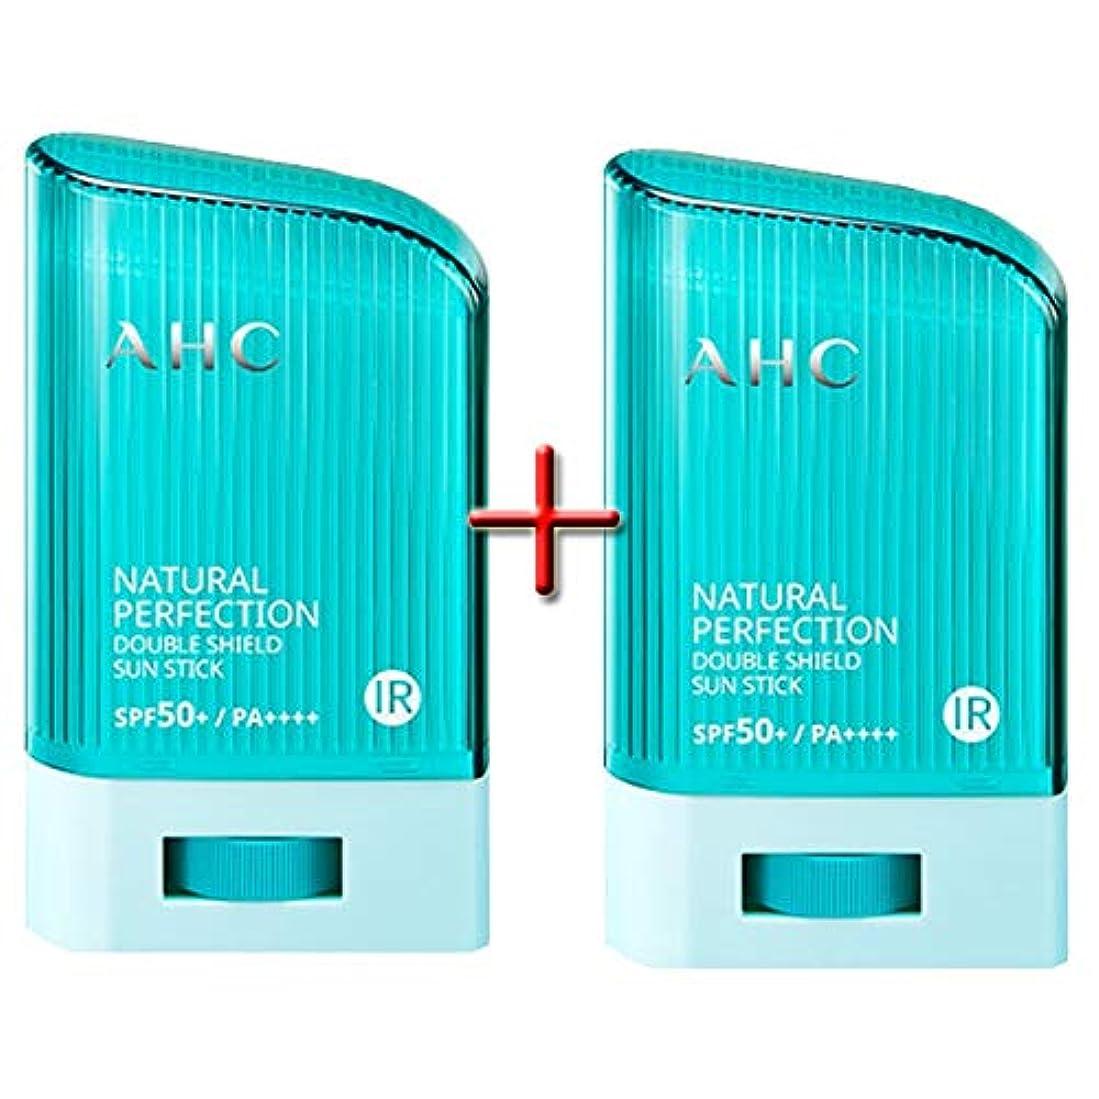 求める父方の貢献する[ 1+1 ] AHC ナチュラルパーフェクションダブルシールドサンスティック 22g, Natural Perfection Double Shield Sun Stick SPF50+ PA++++